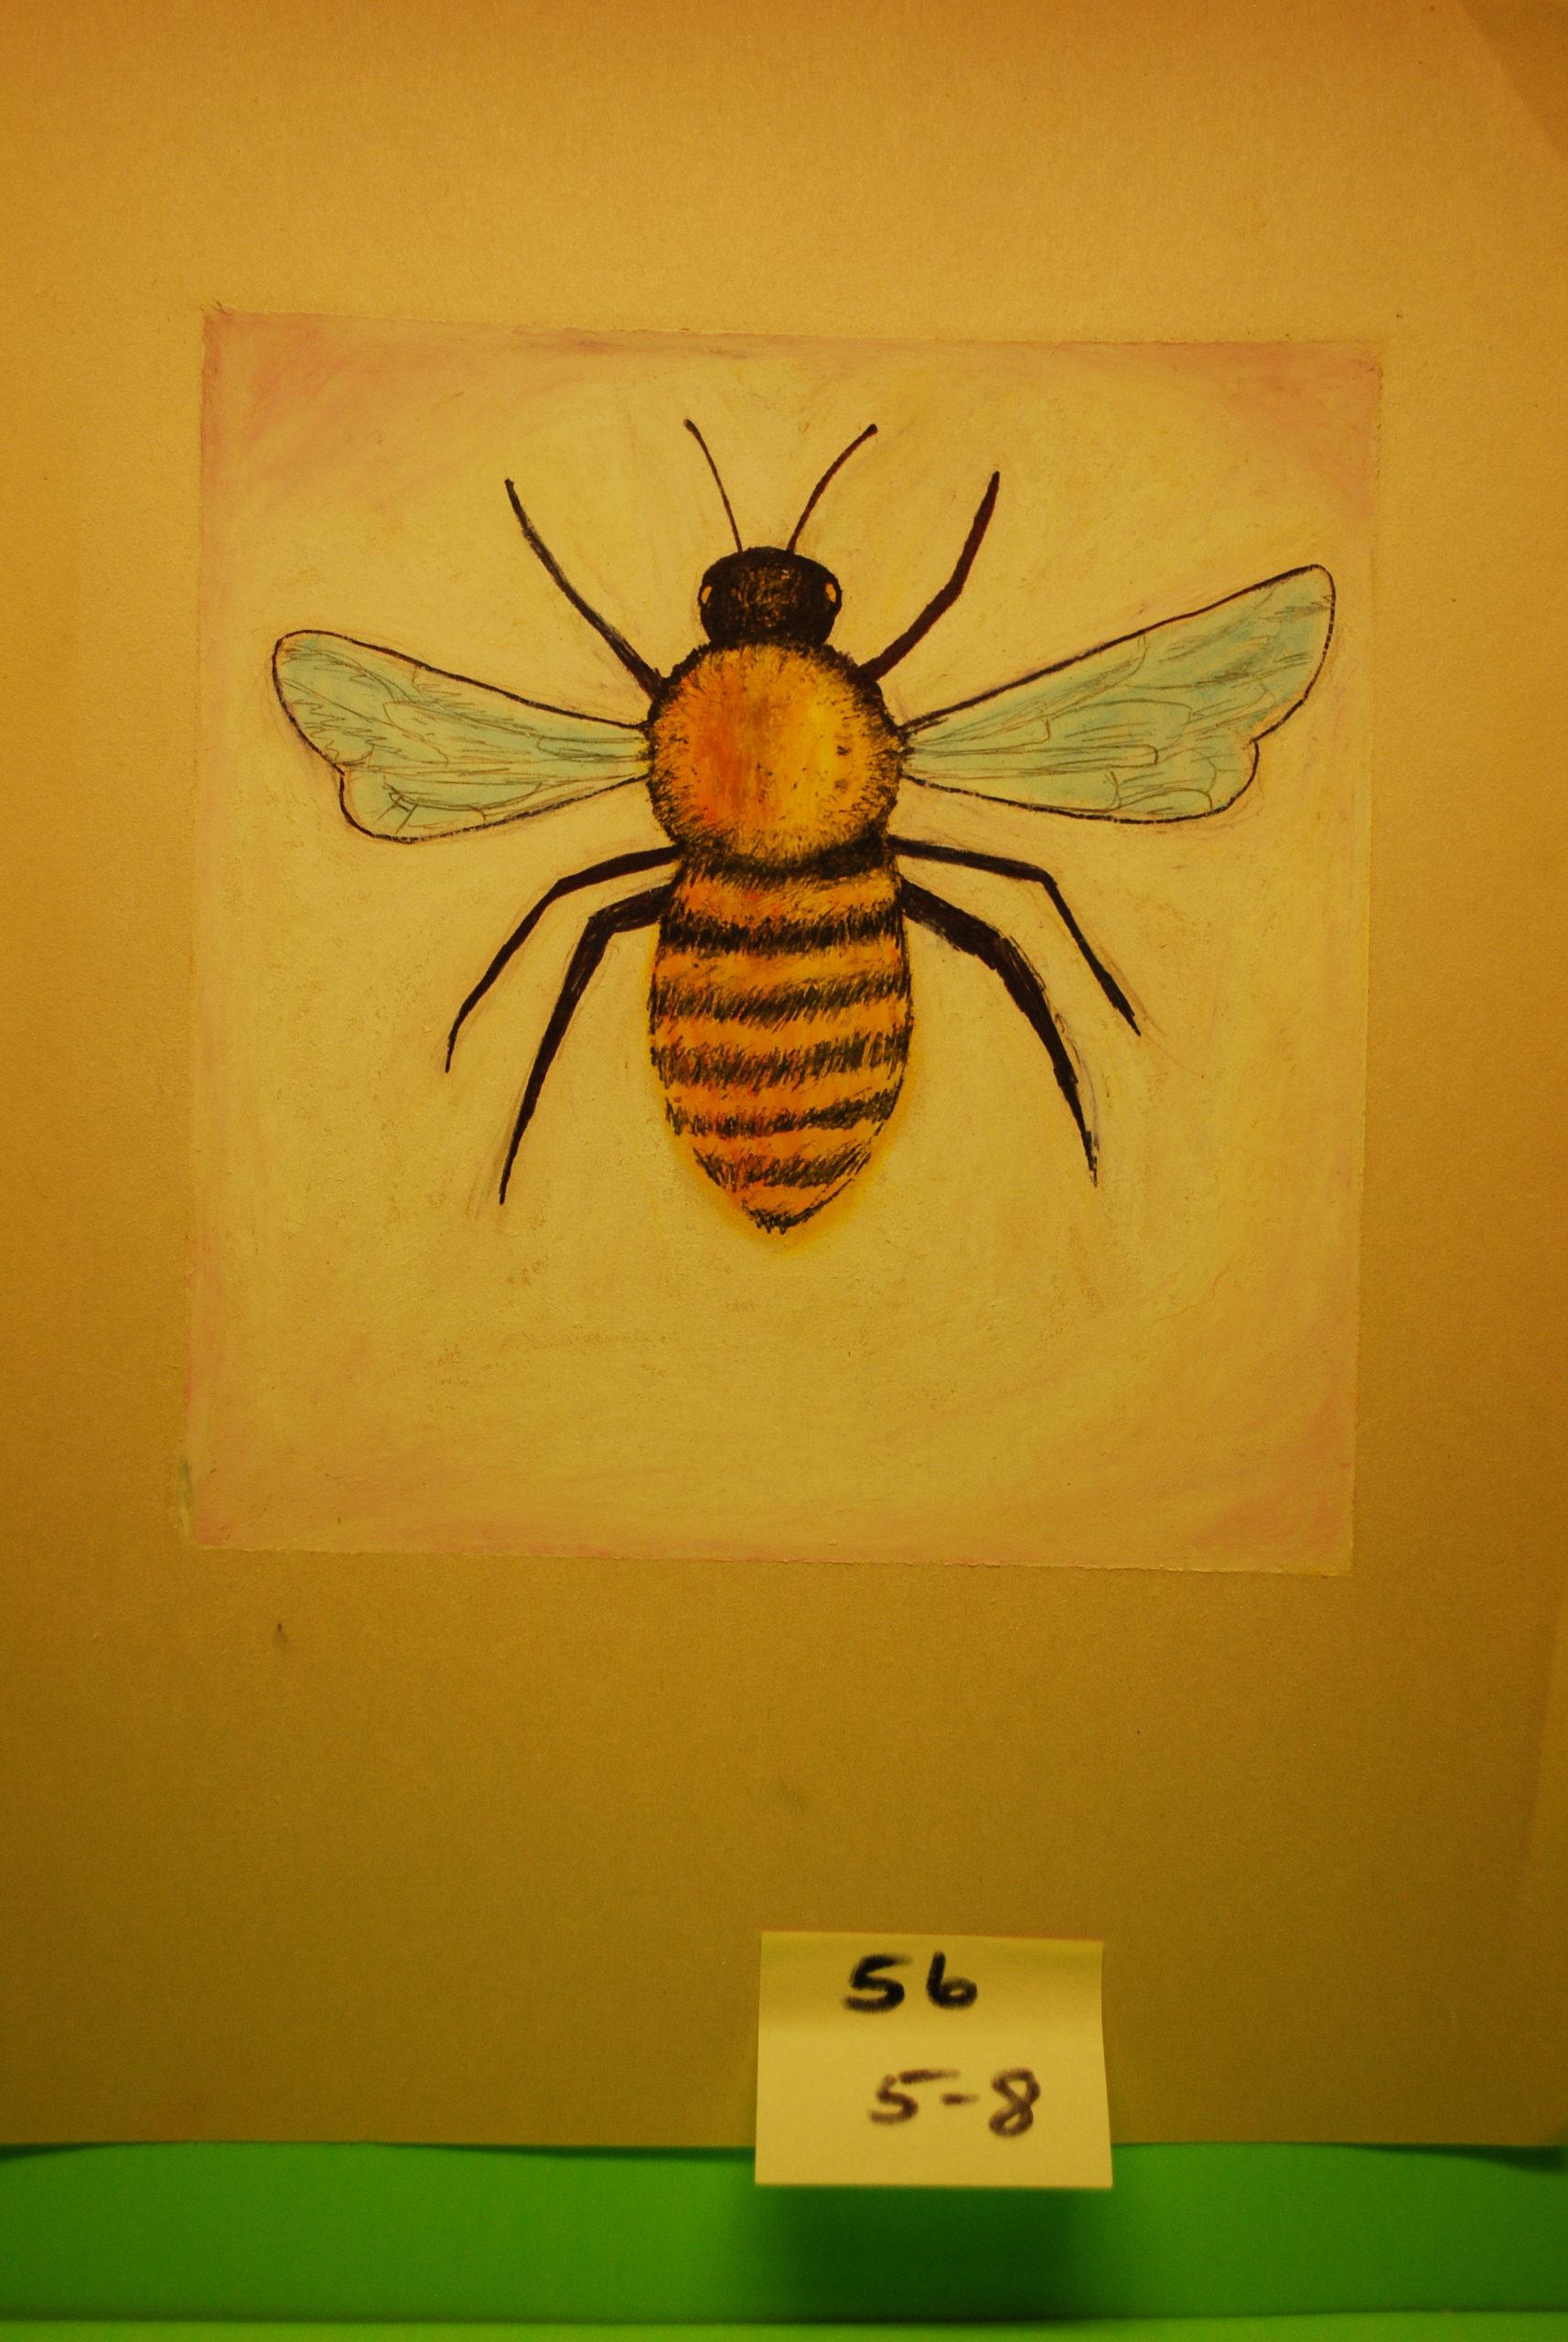 YAC 2020 #56 5-8 Bee b